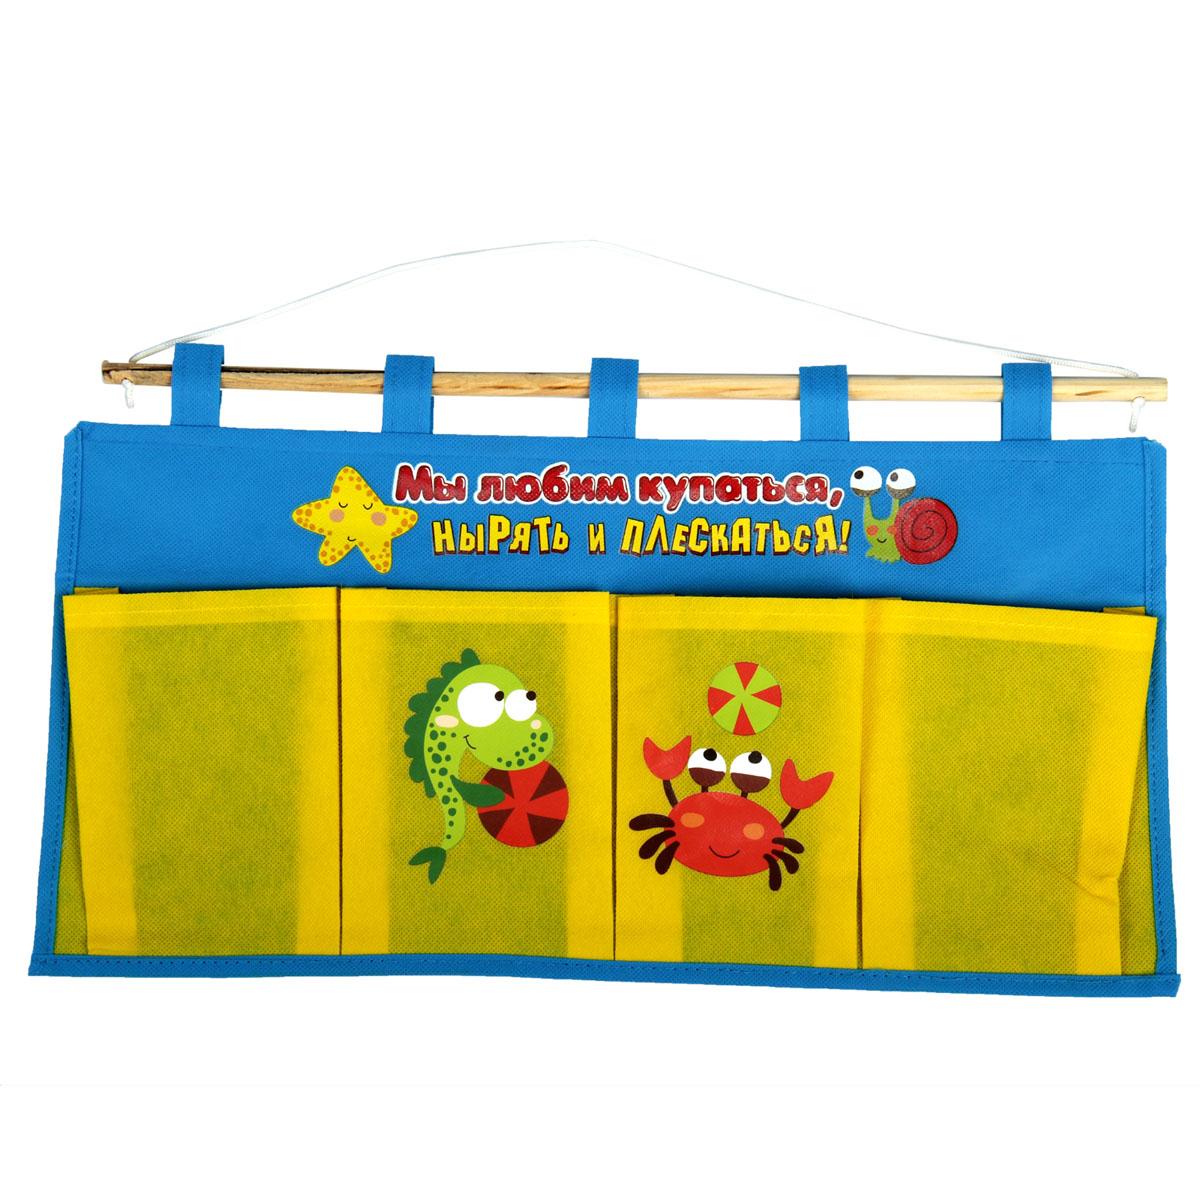 Кармашки на стену Sima-land Мы любим купаться, цвет: голубой, желтый, красный, 4 штBH-UN0502( R)Кармашки на стену Sima-land «Мы любим купаться», изготовленные из текстиля, предназначены для хранения необходимых вещей, множества мелочей в гардеробной, ванной, детской комнатах. Изделие представляет собой текстильное полотно с четырьмя пришитыми кармашками. Благодаря деревянной планке и шнурку, кармашки можно подвесить на стену или дверь в необходимом для вас месте. Кармашки декорированы изображениями забавных морских обитателей и надписью «Мы любим купаться, нырять и плескаться!».Этот нужный предмет может стать одновременно и декоративным элементом комнаты. Яркий дизайн, как ничто иное, способен оживить интерьер вашего дома.